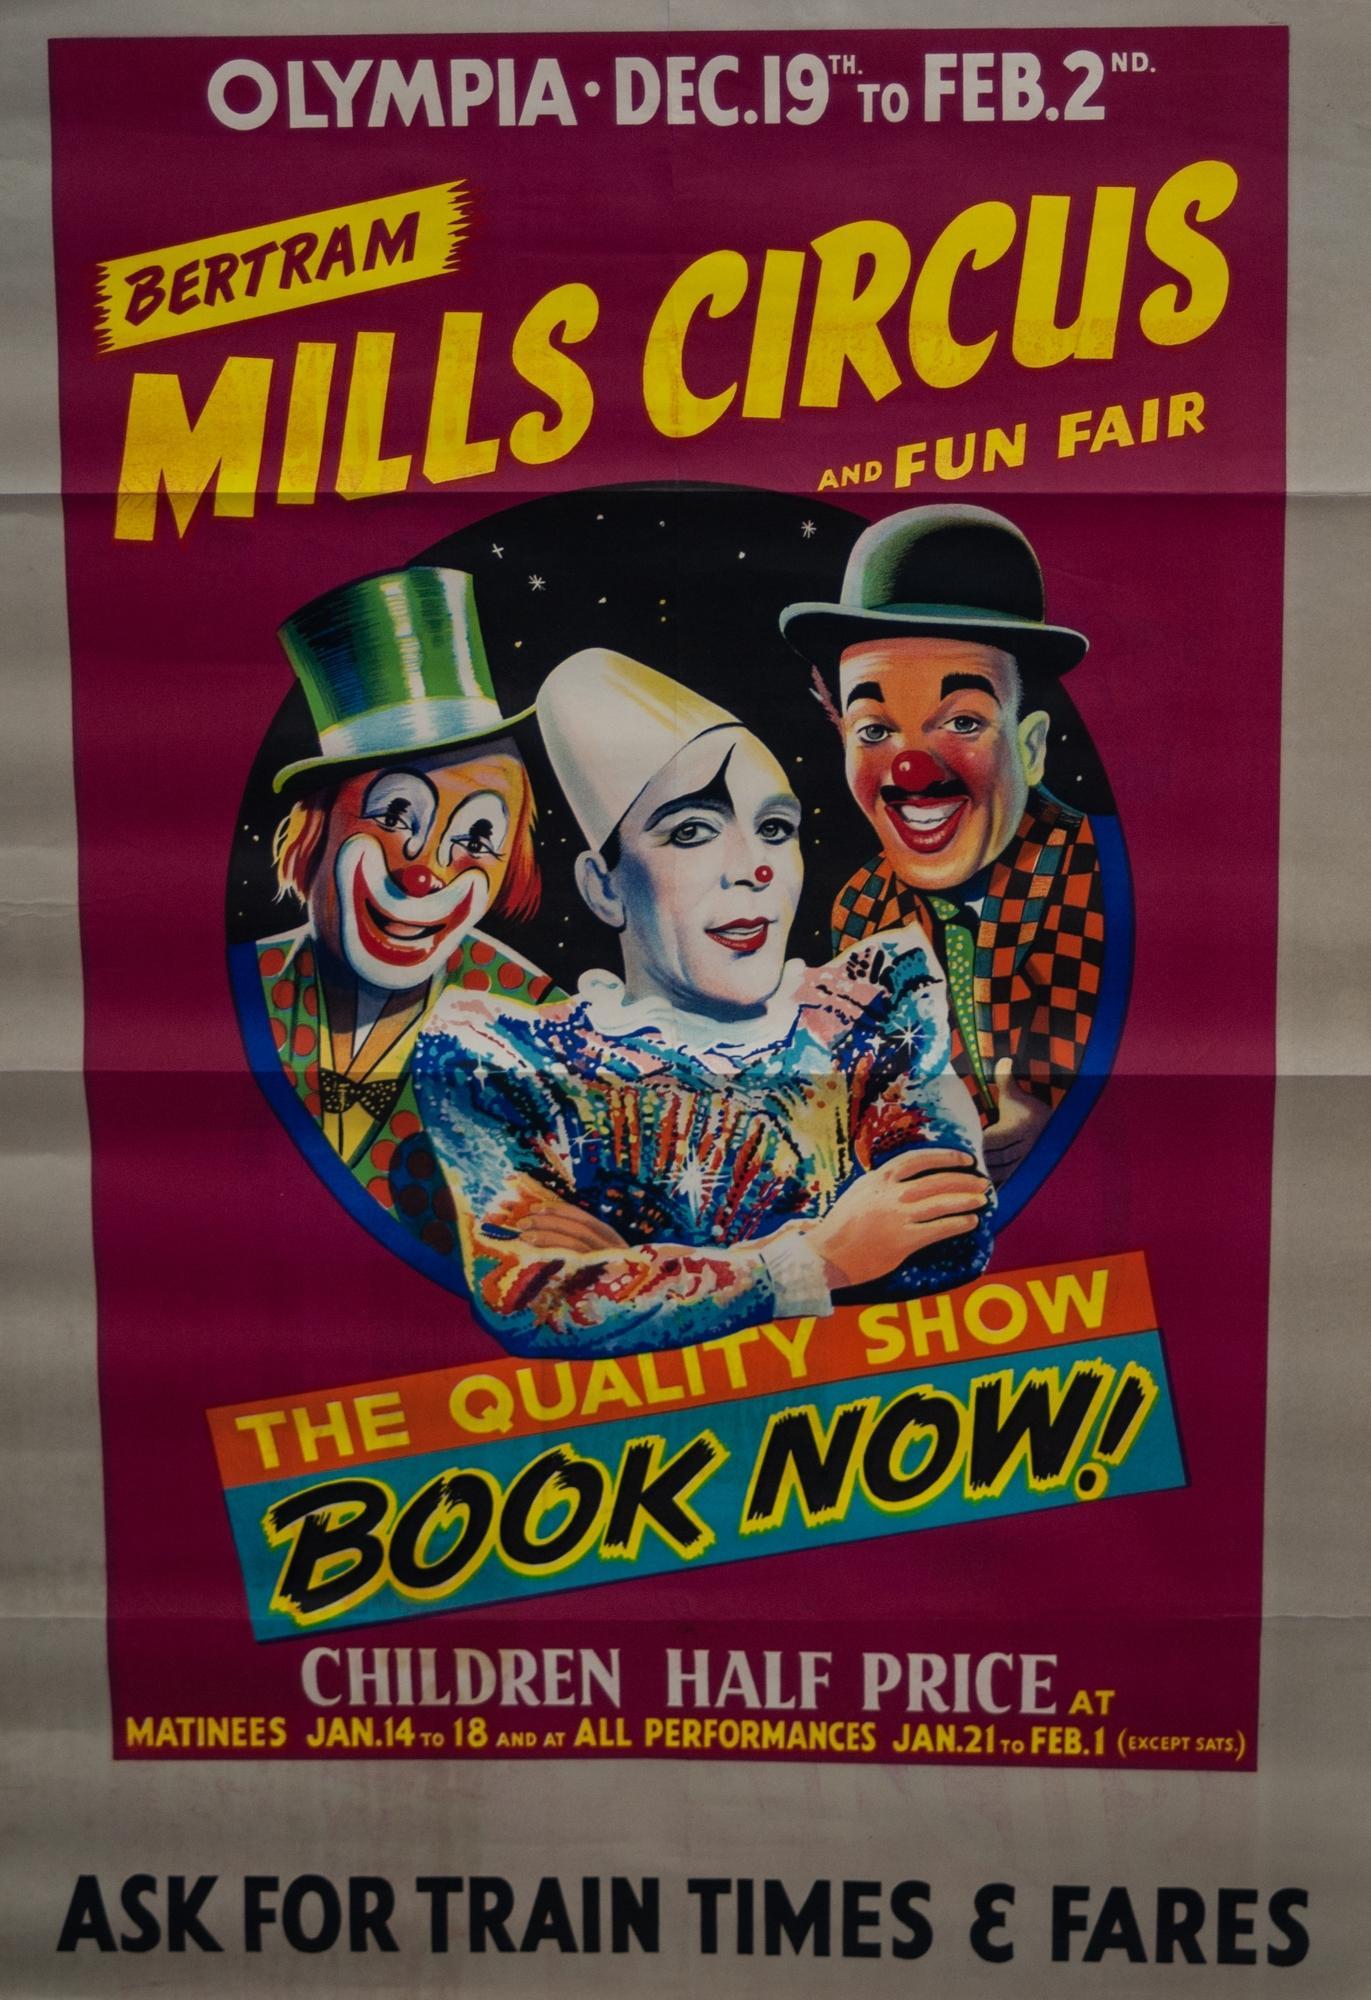 Lot 414A - CIRCUS ADVERTISING POSTER- An original poster advertising Bertram Mills Circus and Fun Fair